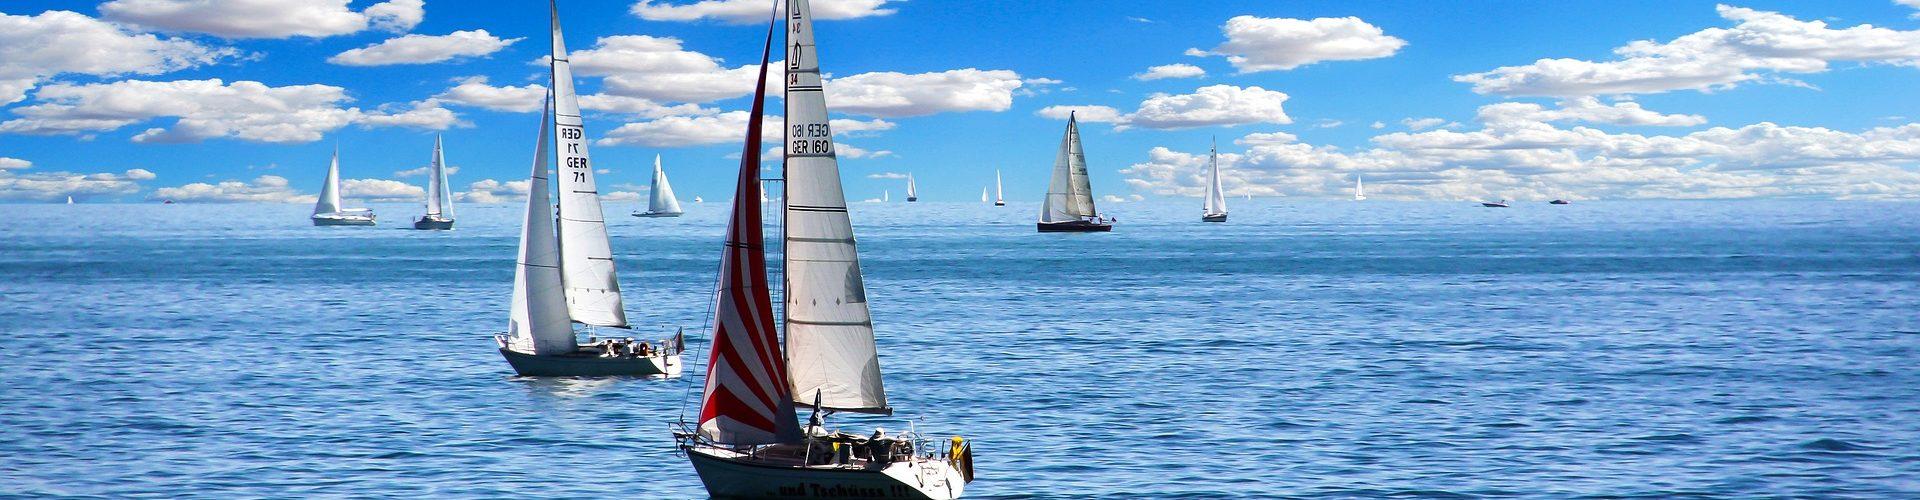 segeln lernen in Fischbach segelschein machen in Fischbach 1920x500 - Segeln lernen in Fischbach